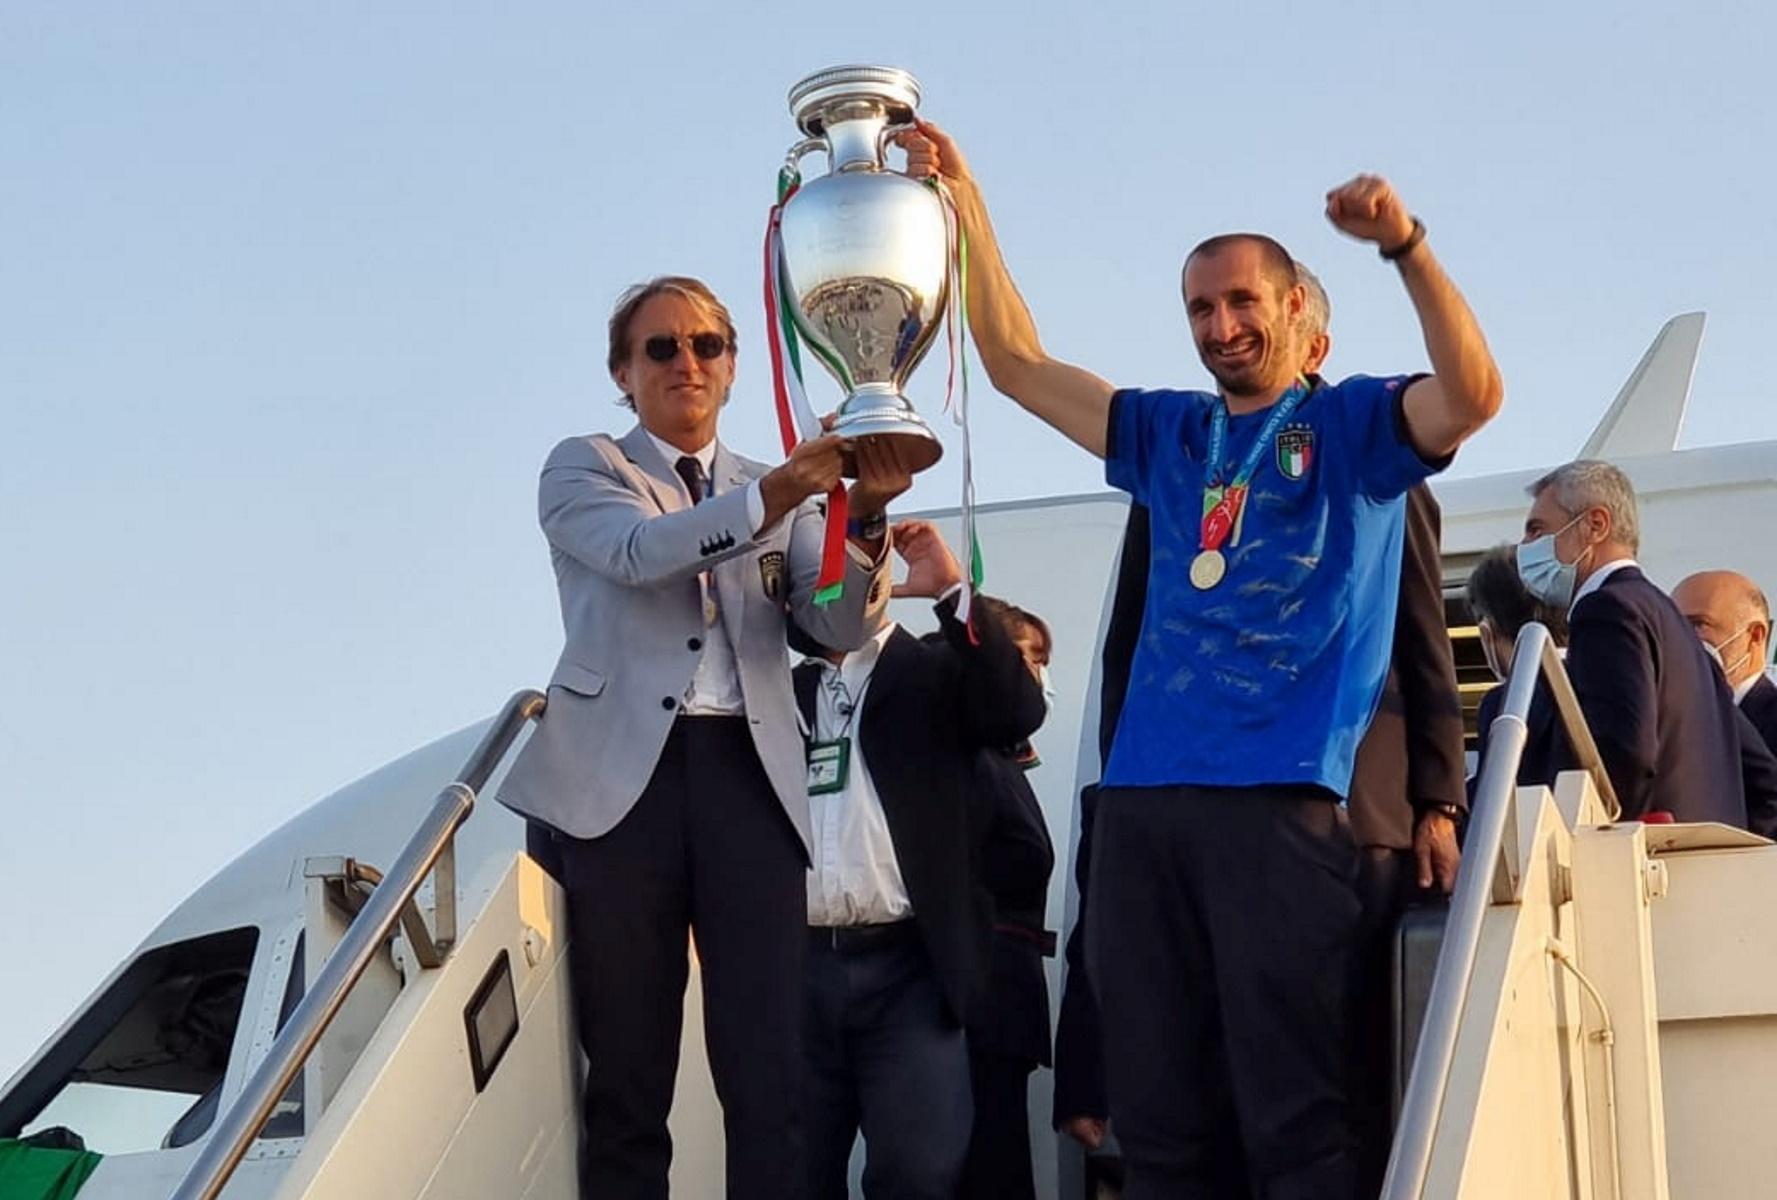 Ιταλία: Η πρωταθλήτρια Ευρώπης επέστρεψε στη Ρώμη με το τρόπαιο του Euro